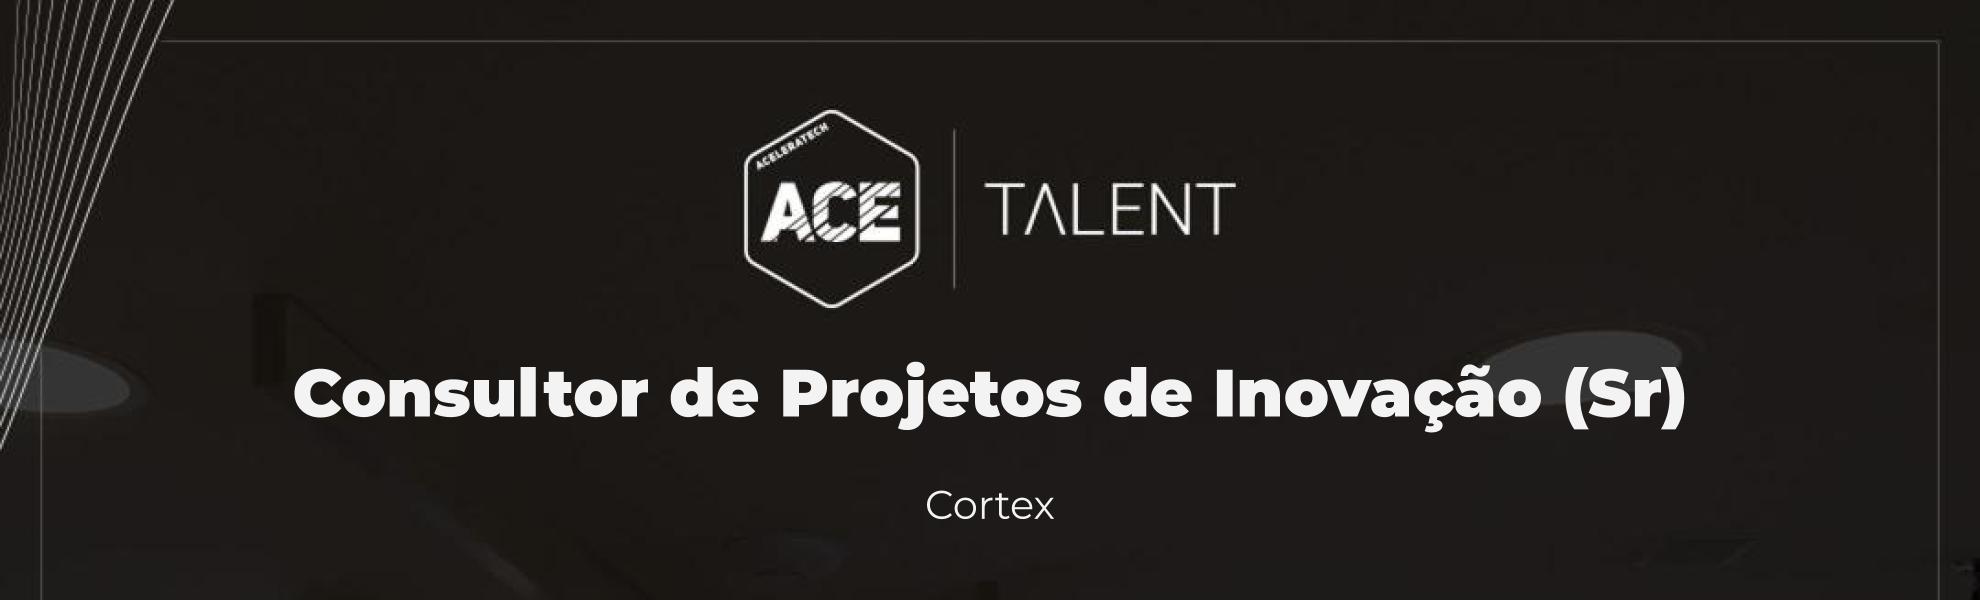 Consultor de Projetos de Inovação (Product Owner) - São Paulo